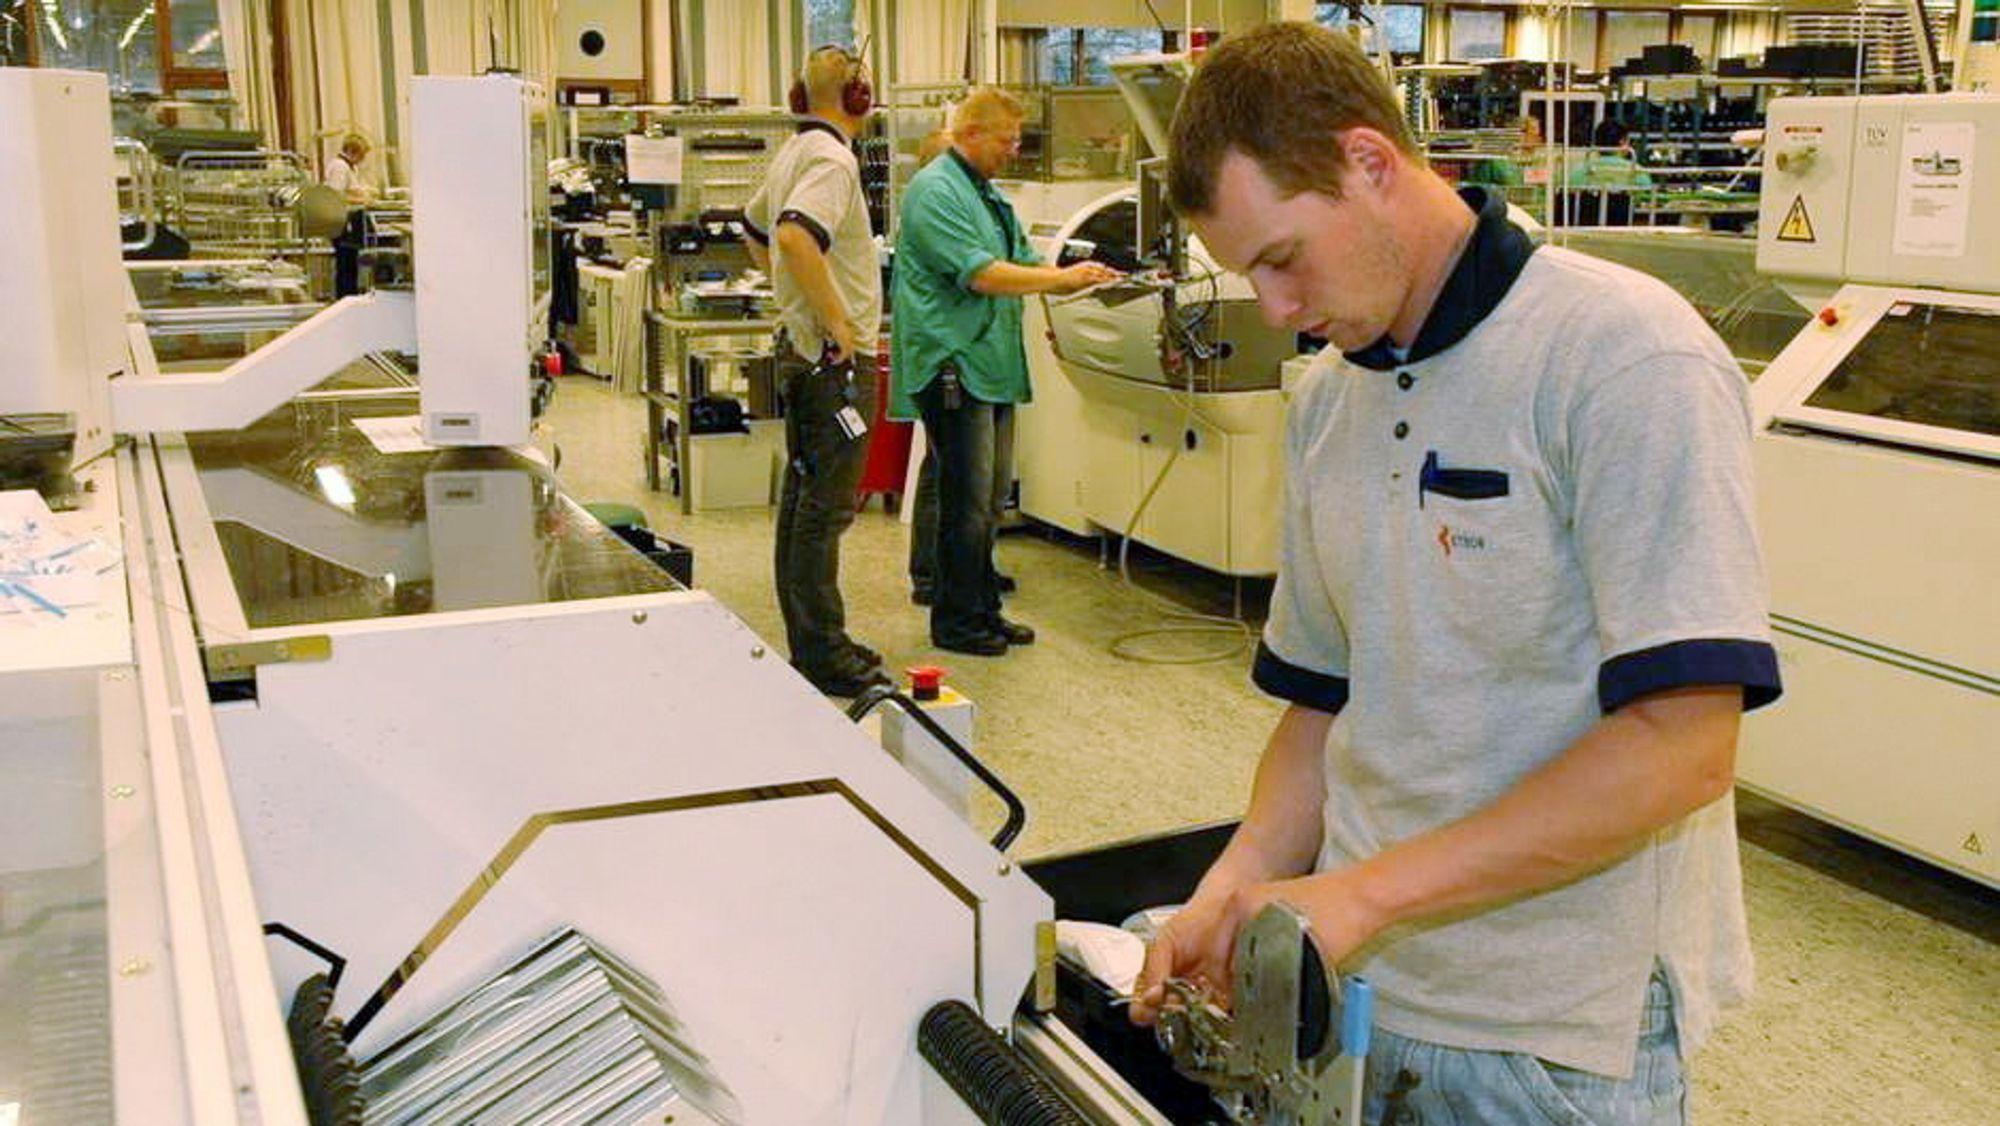 Automatisert: Det er ca. 500 ansatte ved Kitrons fabrikk på Hisøy. Selskapet lager elektronikk til kunder i hele verden.